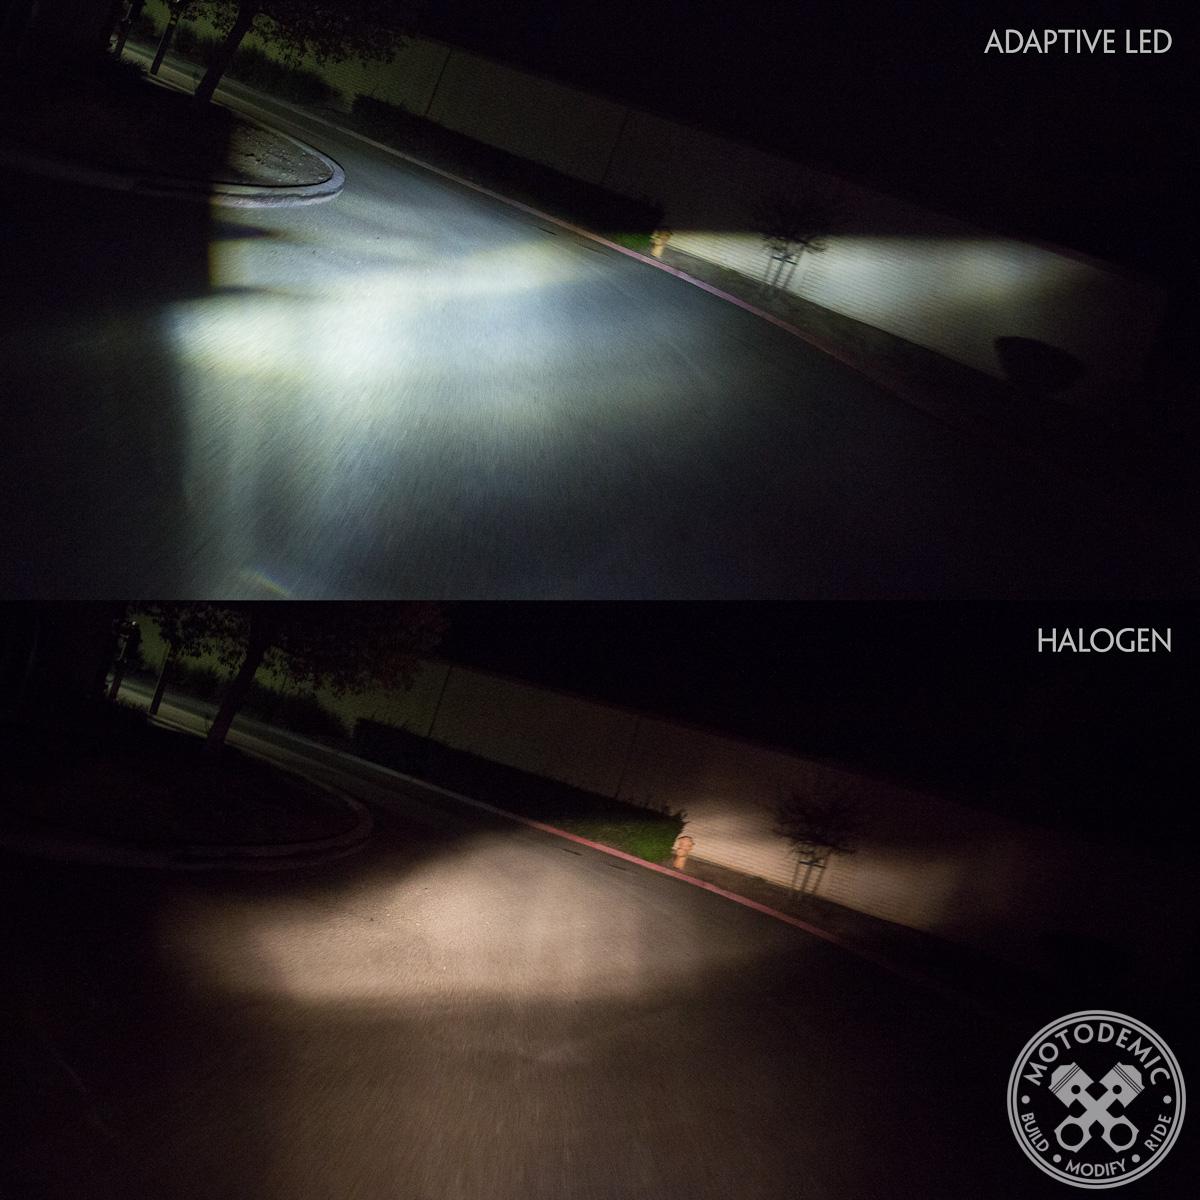 Adaptive LED Headlight vs Halogen